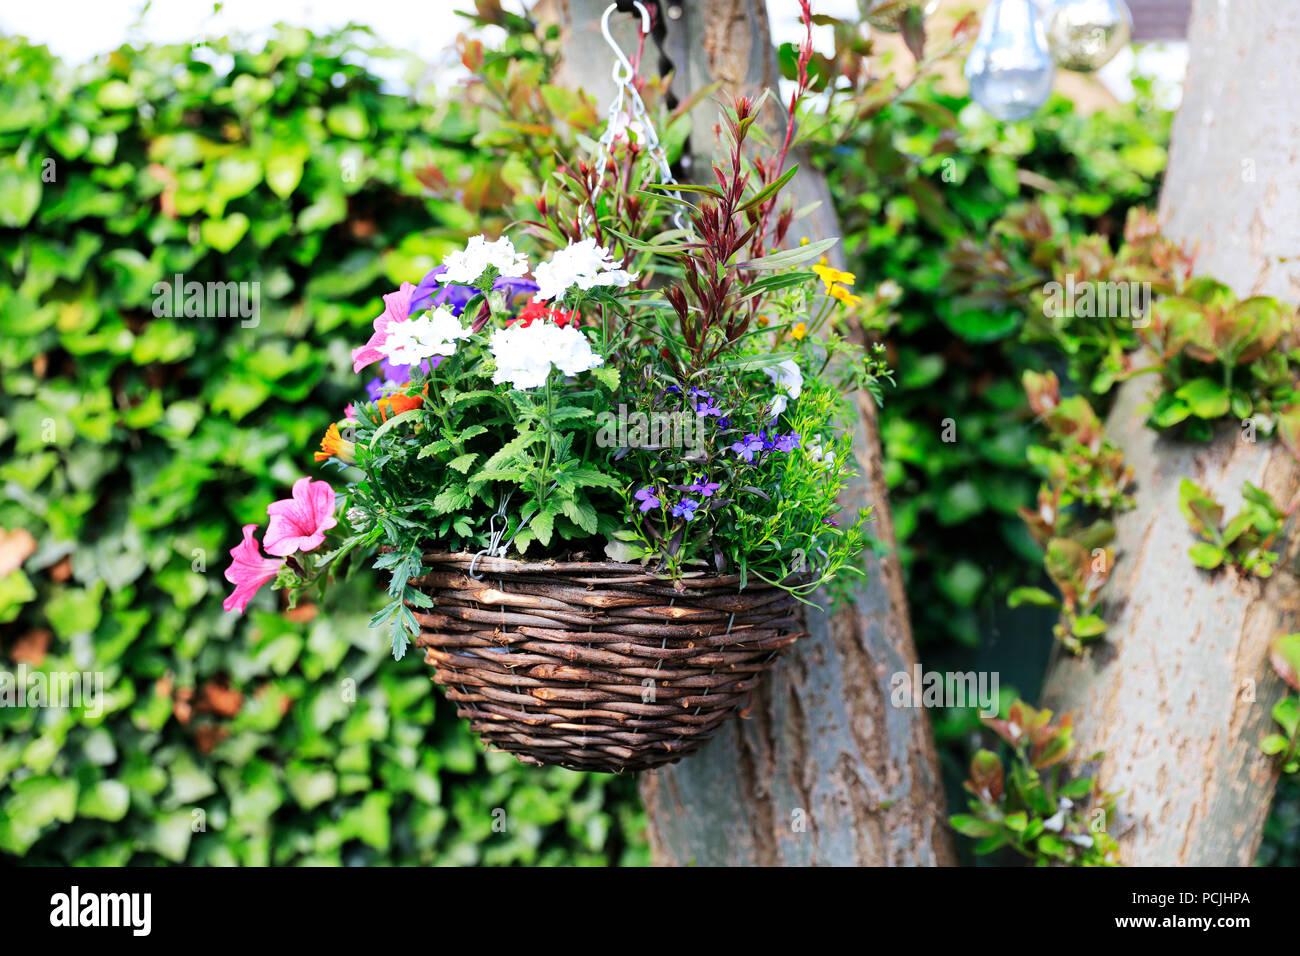 Hanging basket, Hanging basket plants, Hanging basket flowers, Hanging basket flowering, Hanging basket summer, Hanging basket UK, Hanging baskets - Stock Image